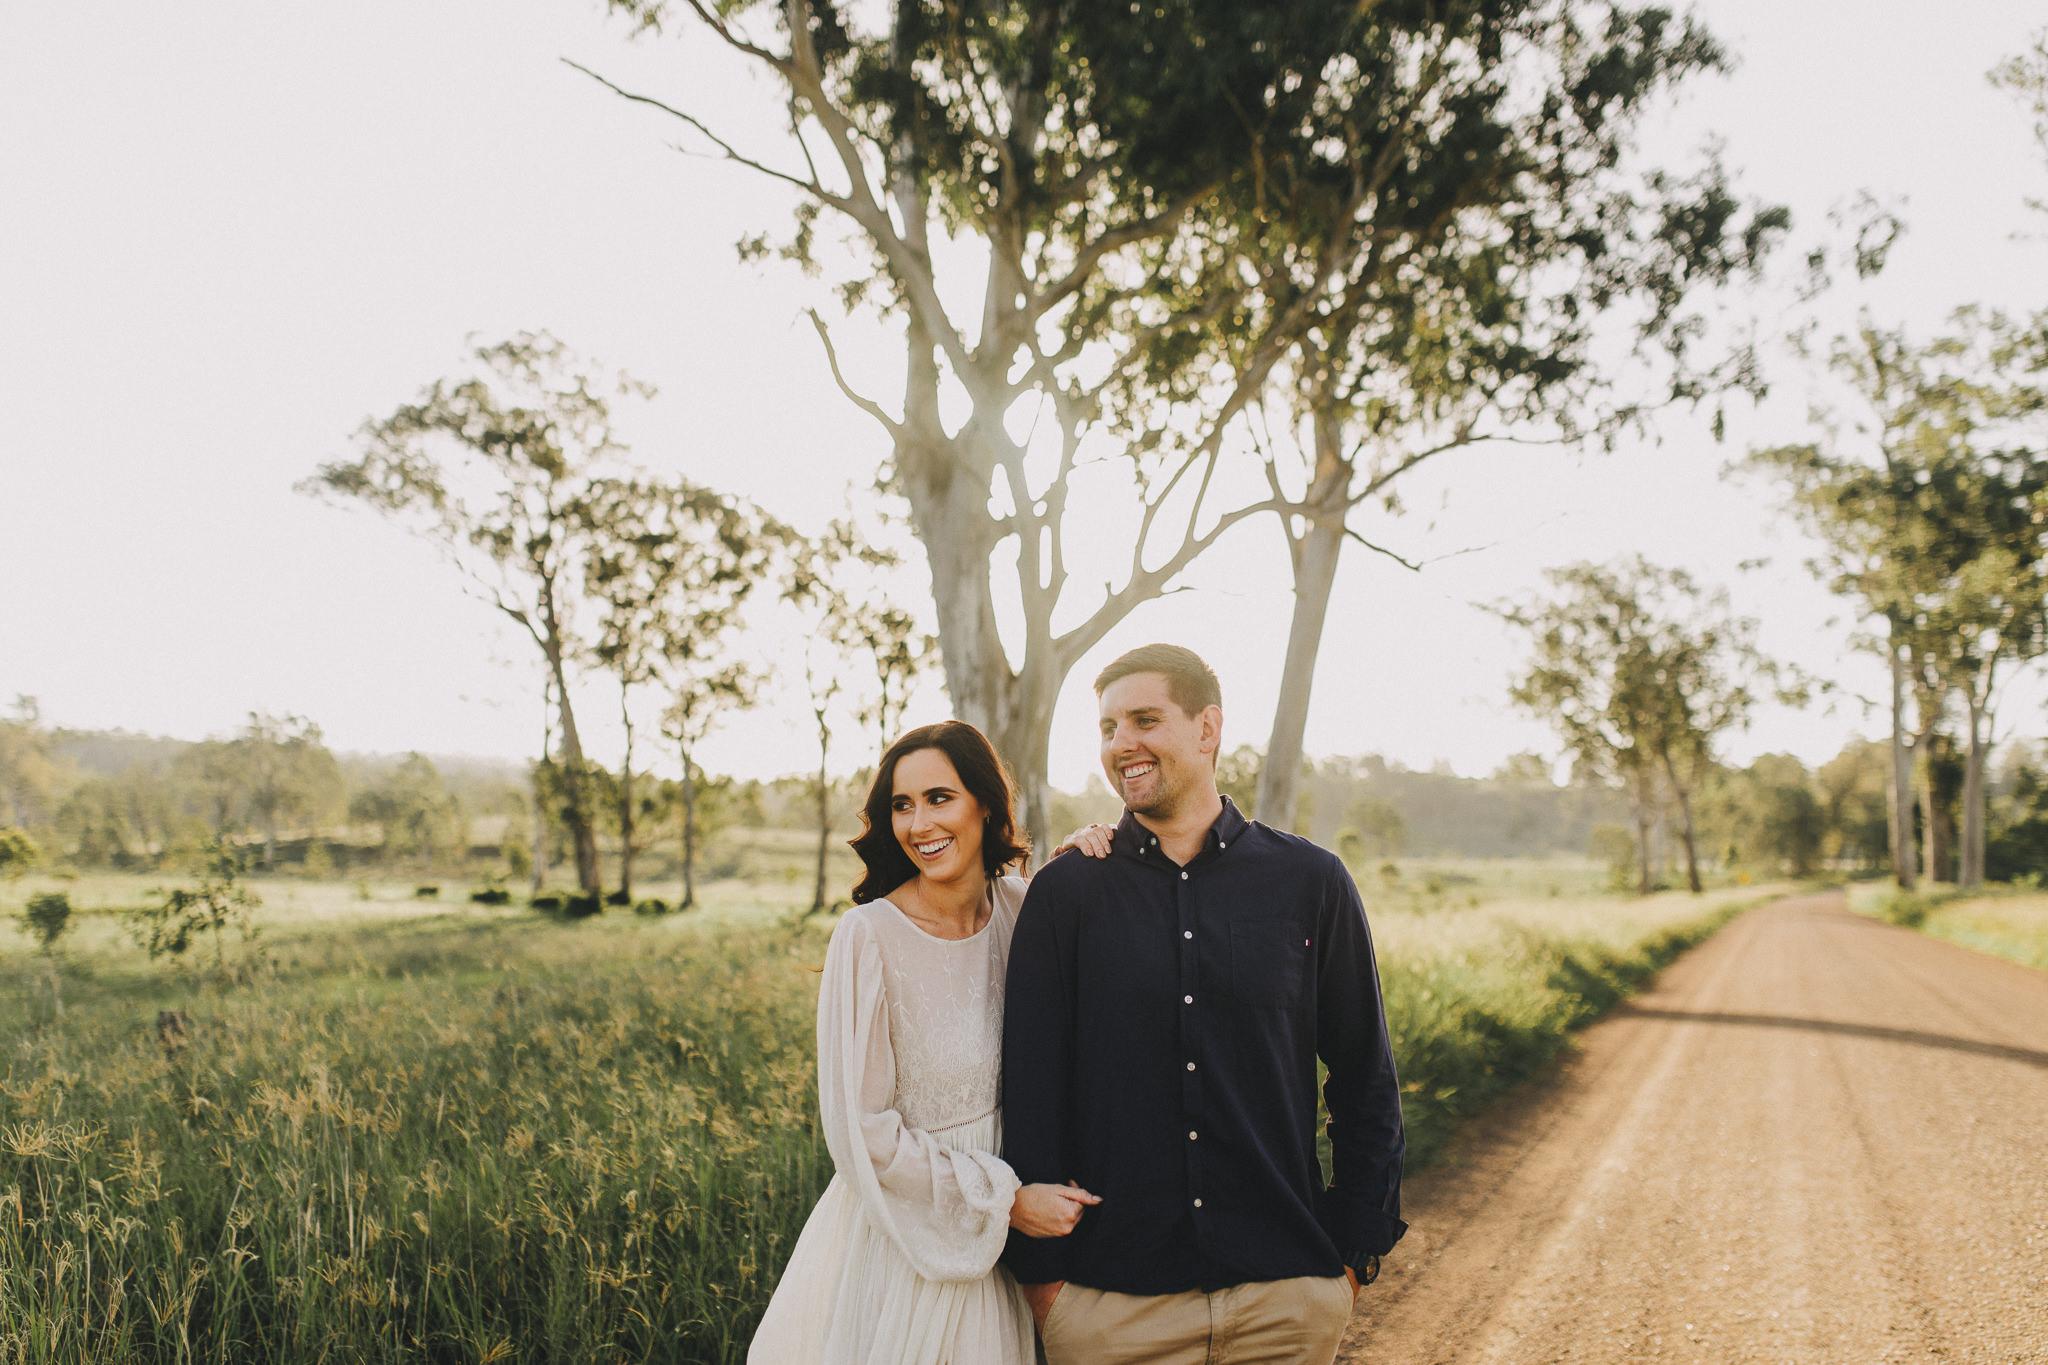 Ange&Jackson-Engagement-resized-19 - Family Photoshoots Brisbane